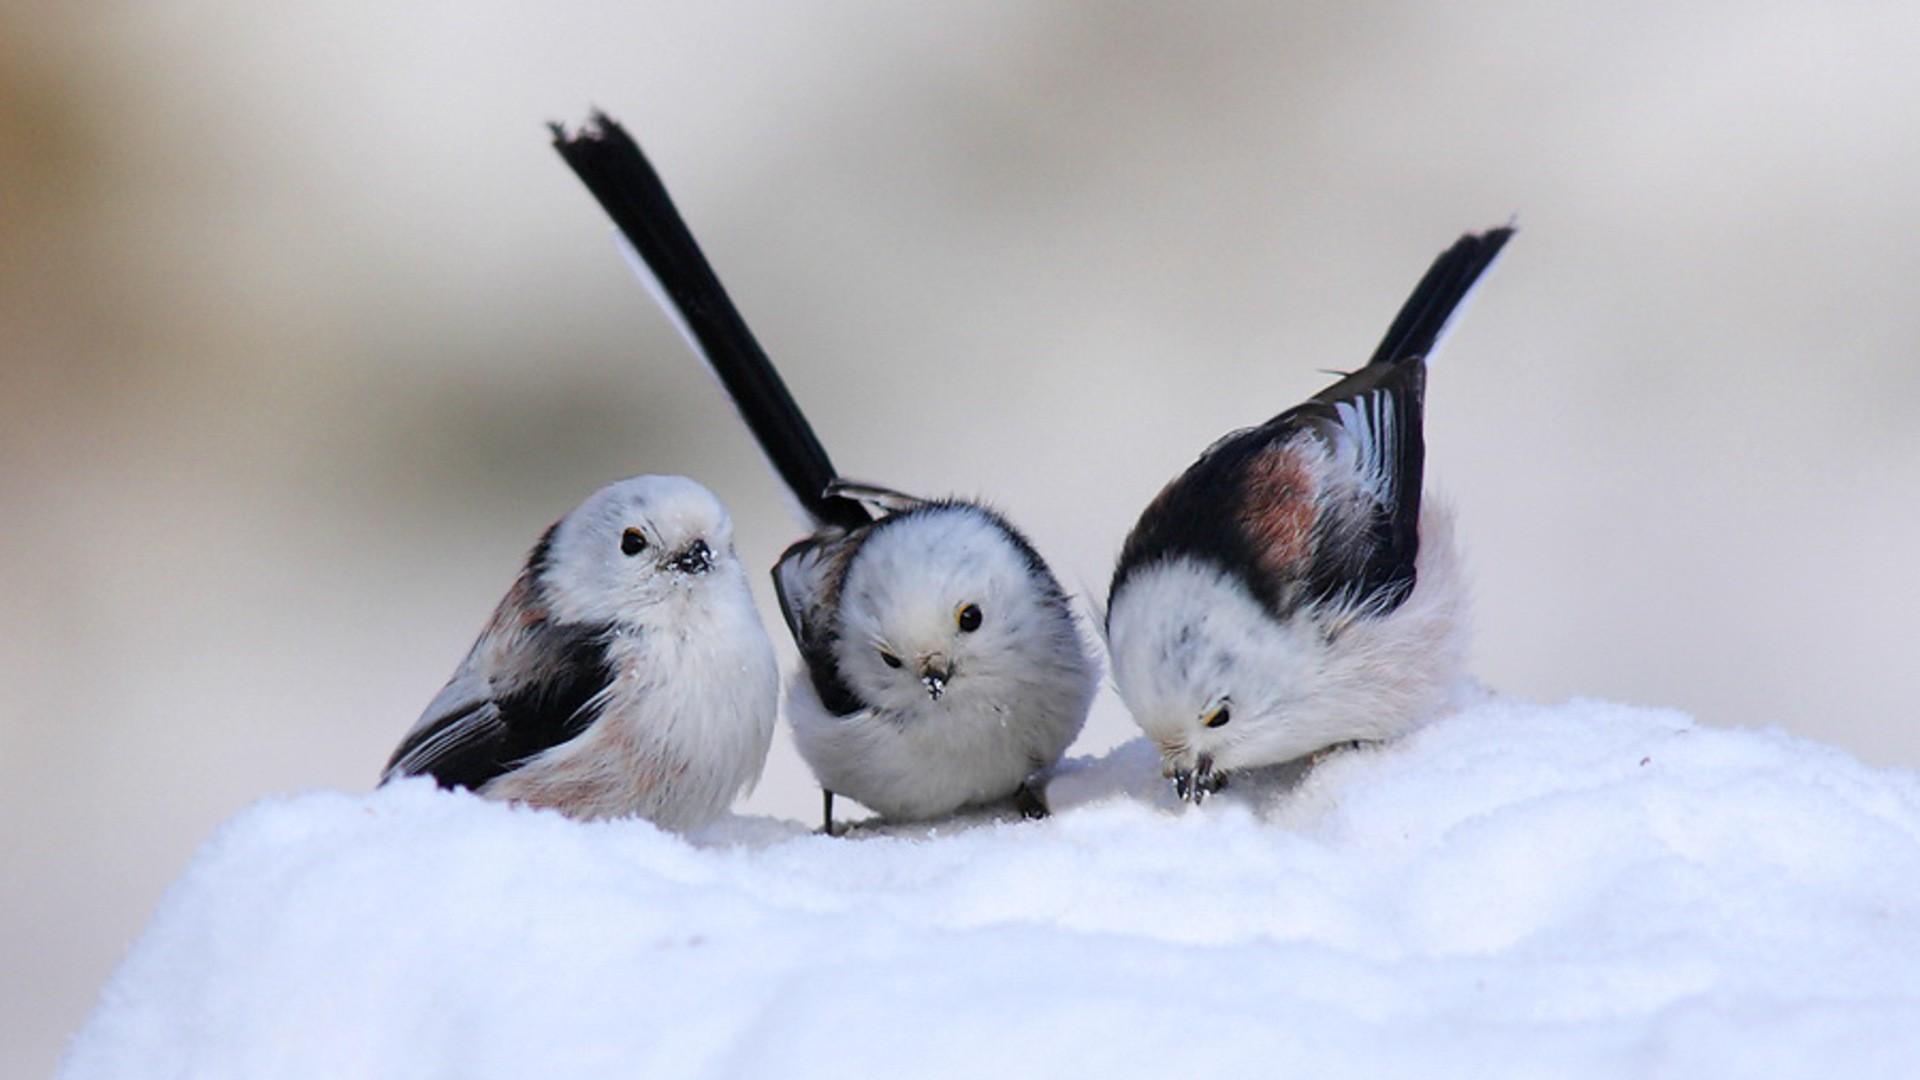 Snow Bird Pictures 38529 1680x1050 px